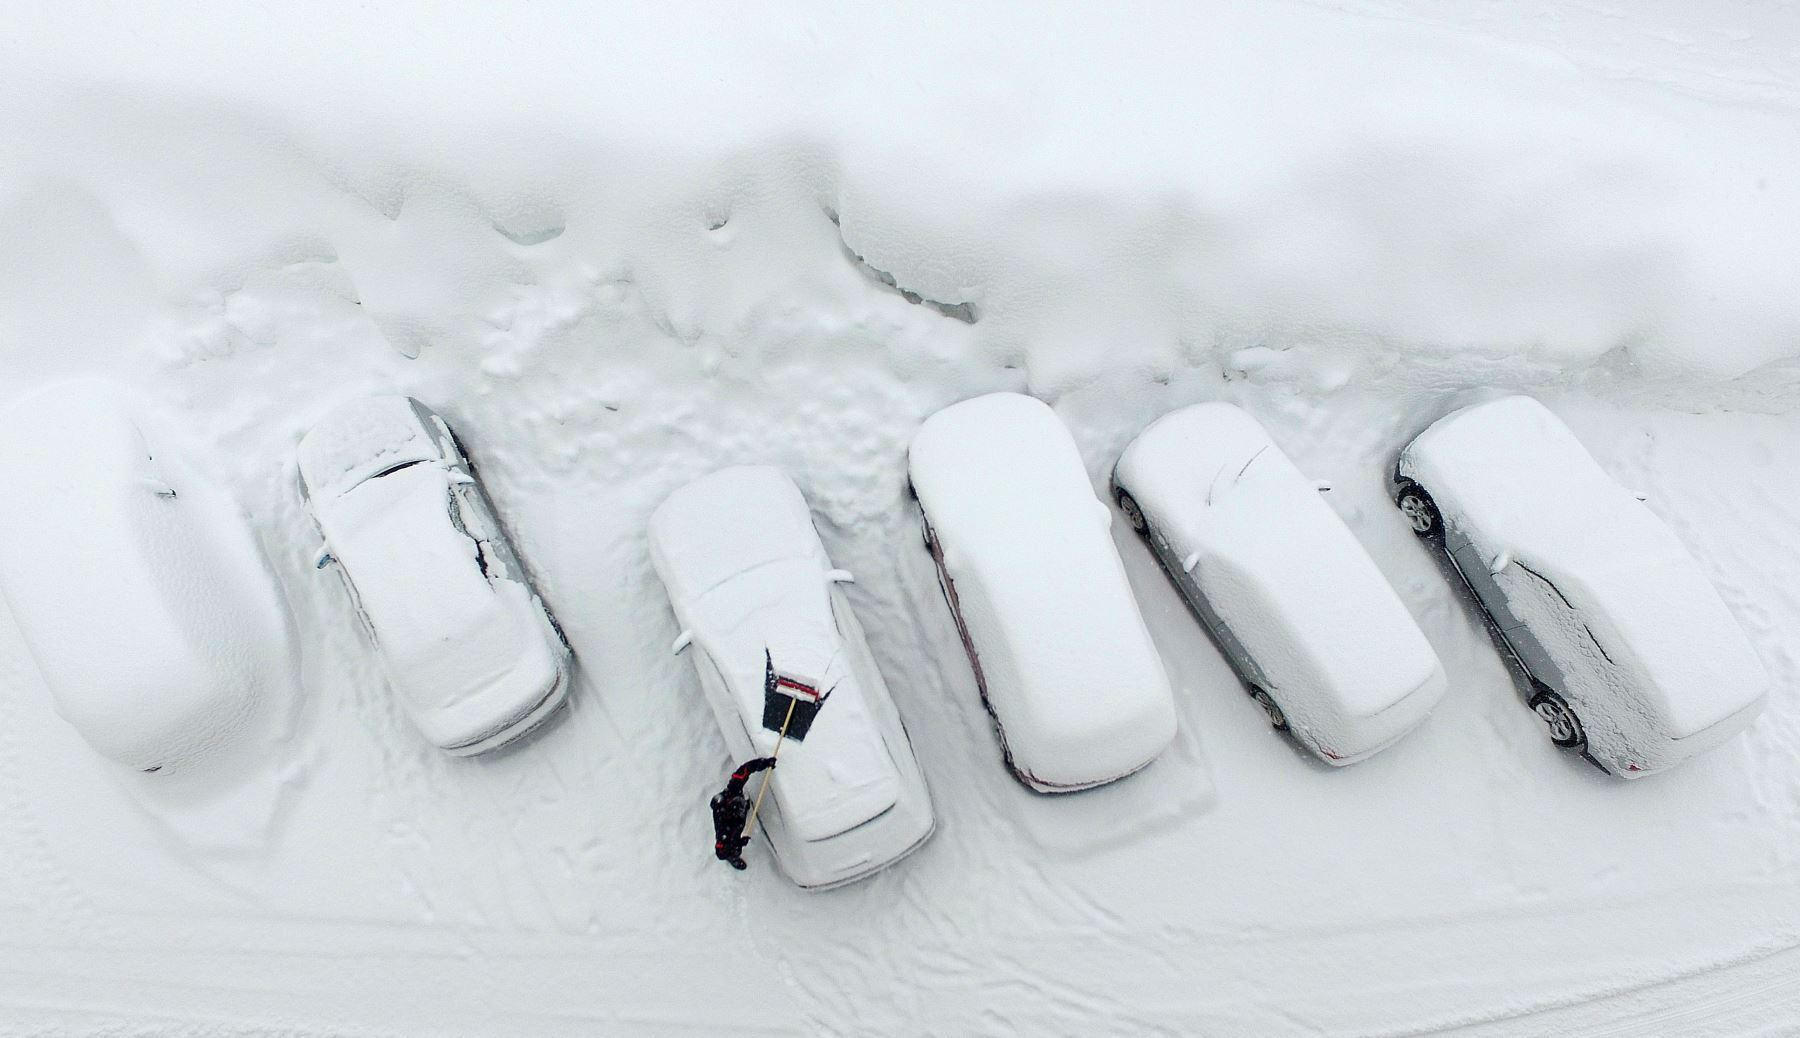 Una fotografía aérea muestra a un hombre limpiando su automóvil de la nieve después de fuertes nevadas en Ramsau am Dachstein, Austria. AFP